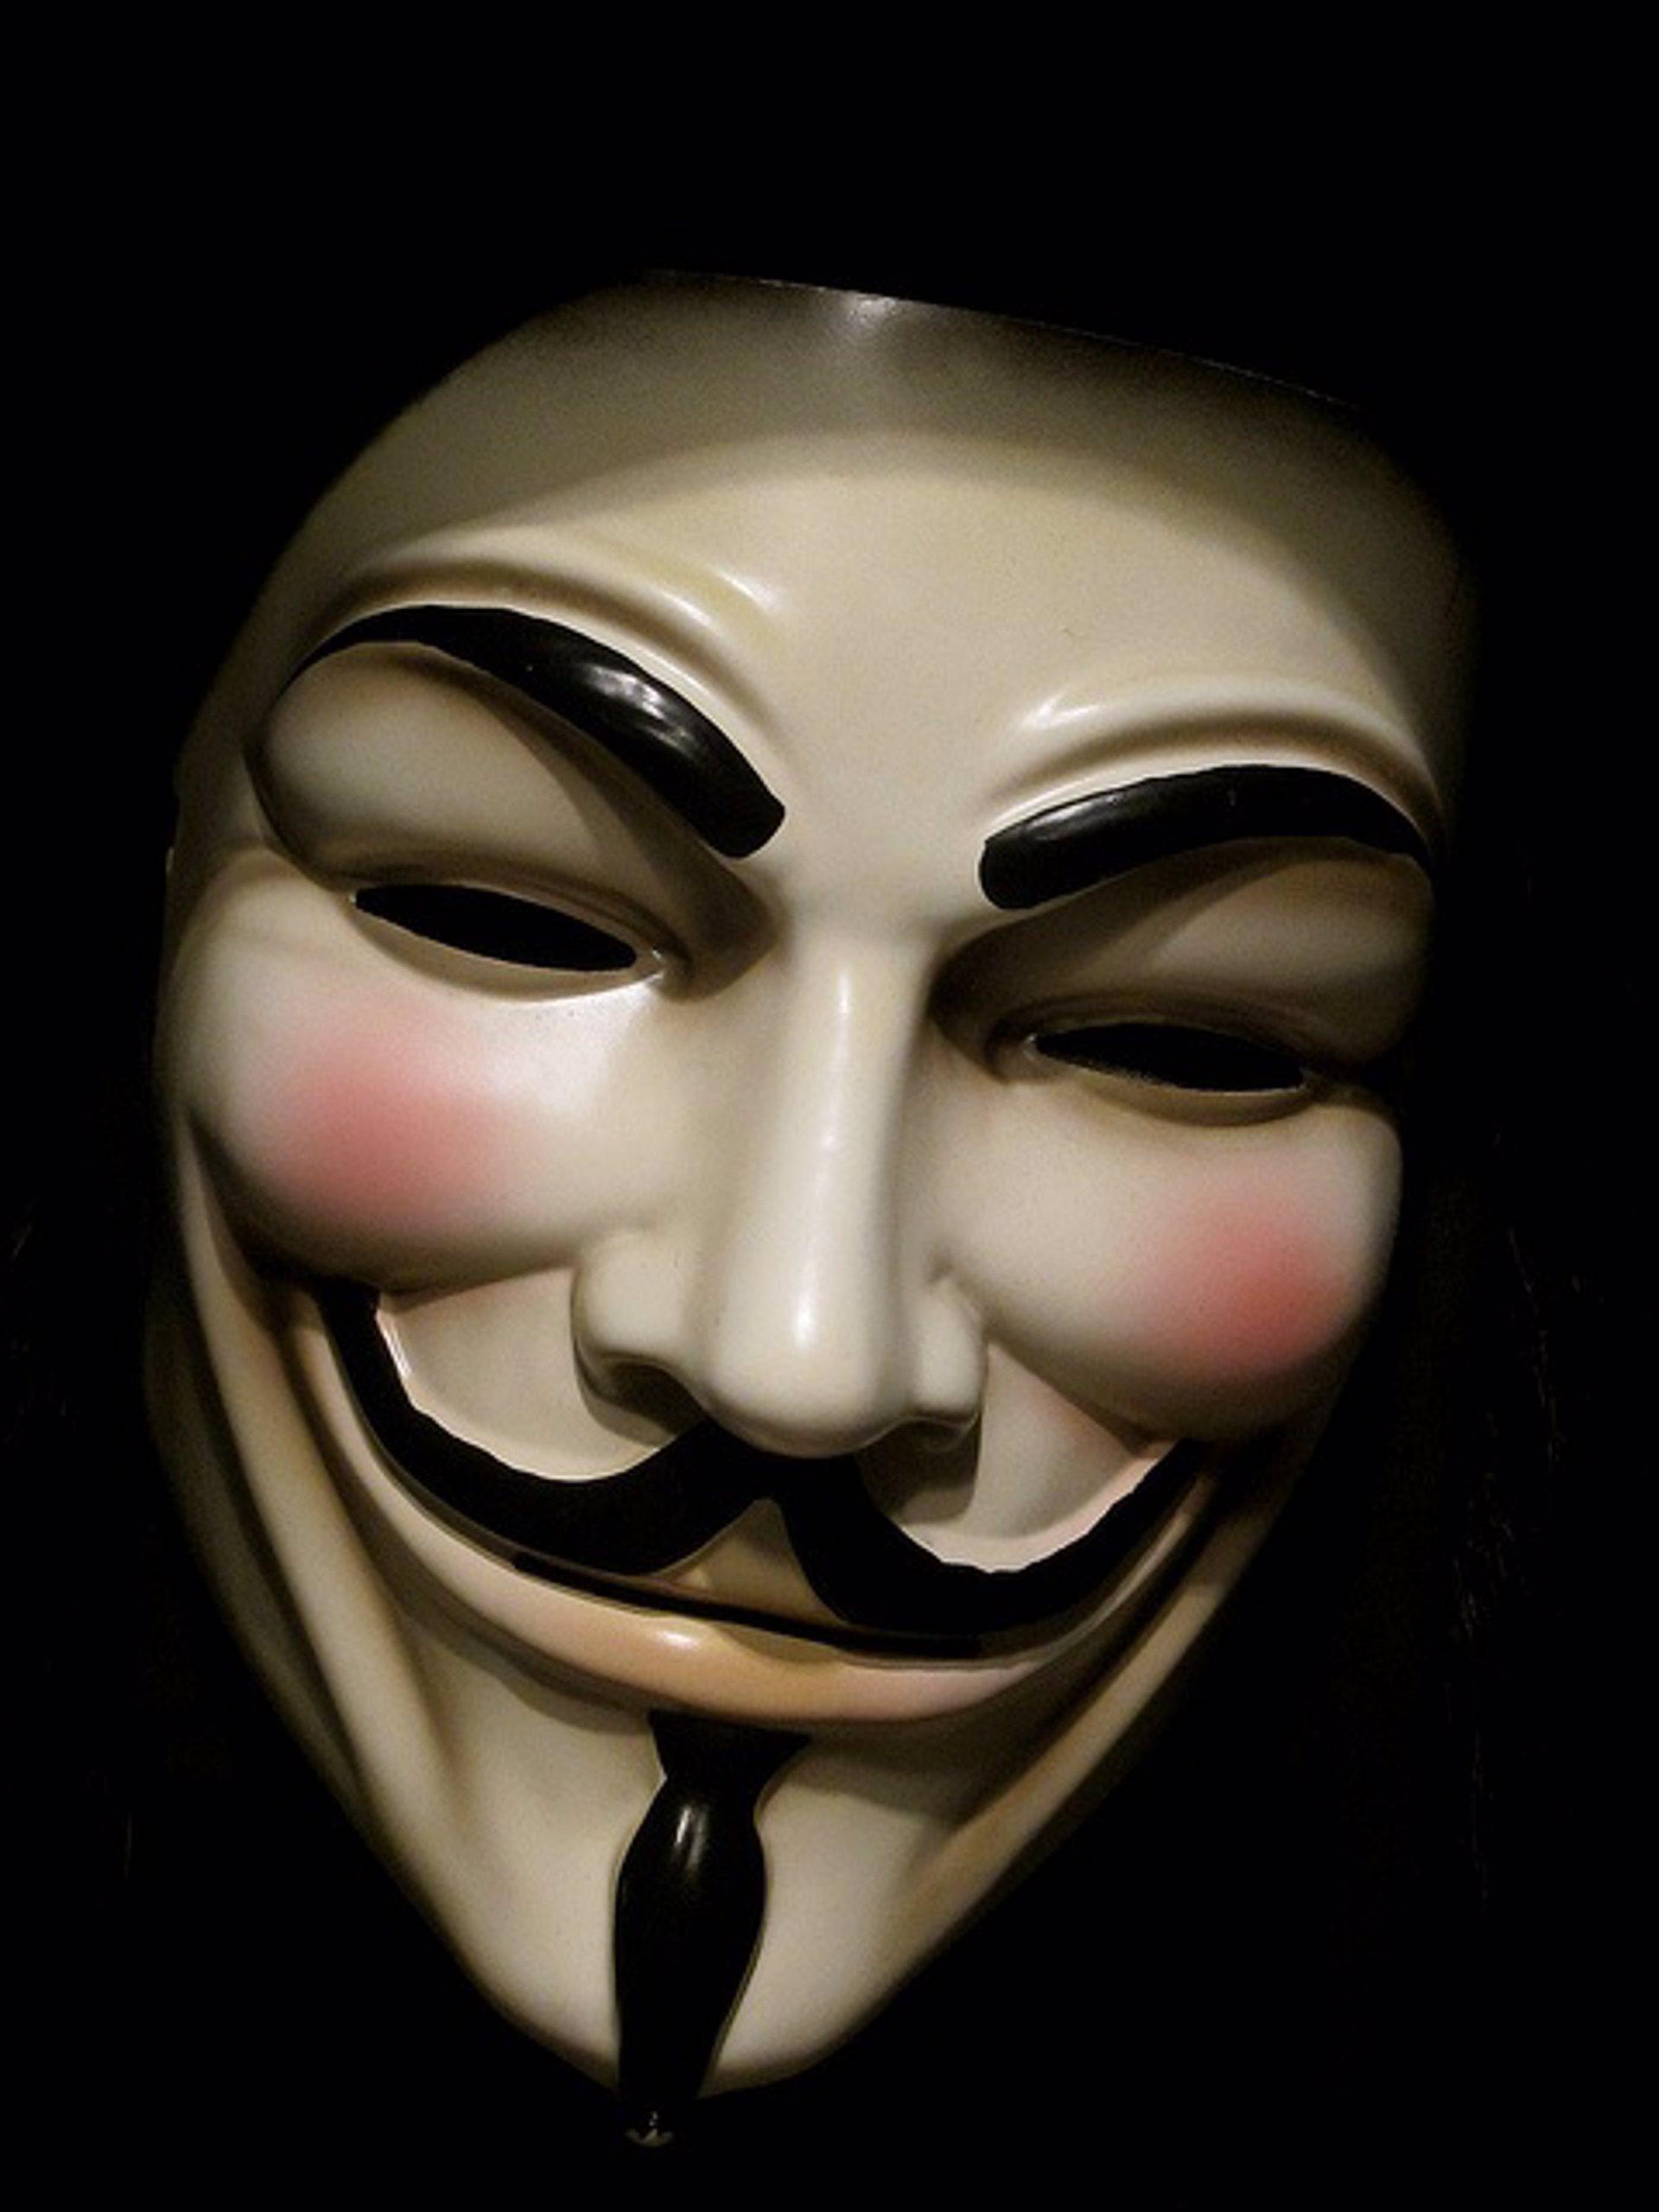 anonymous warner y el negocio de las máscaras de v de vendetta